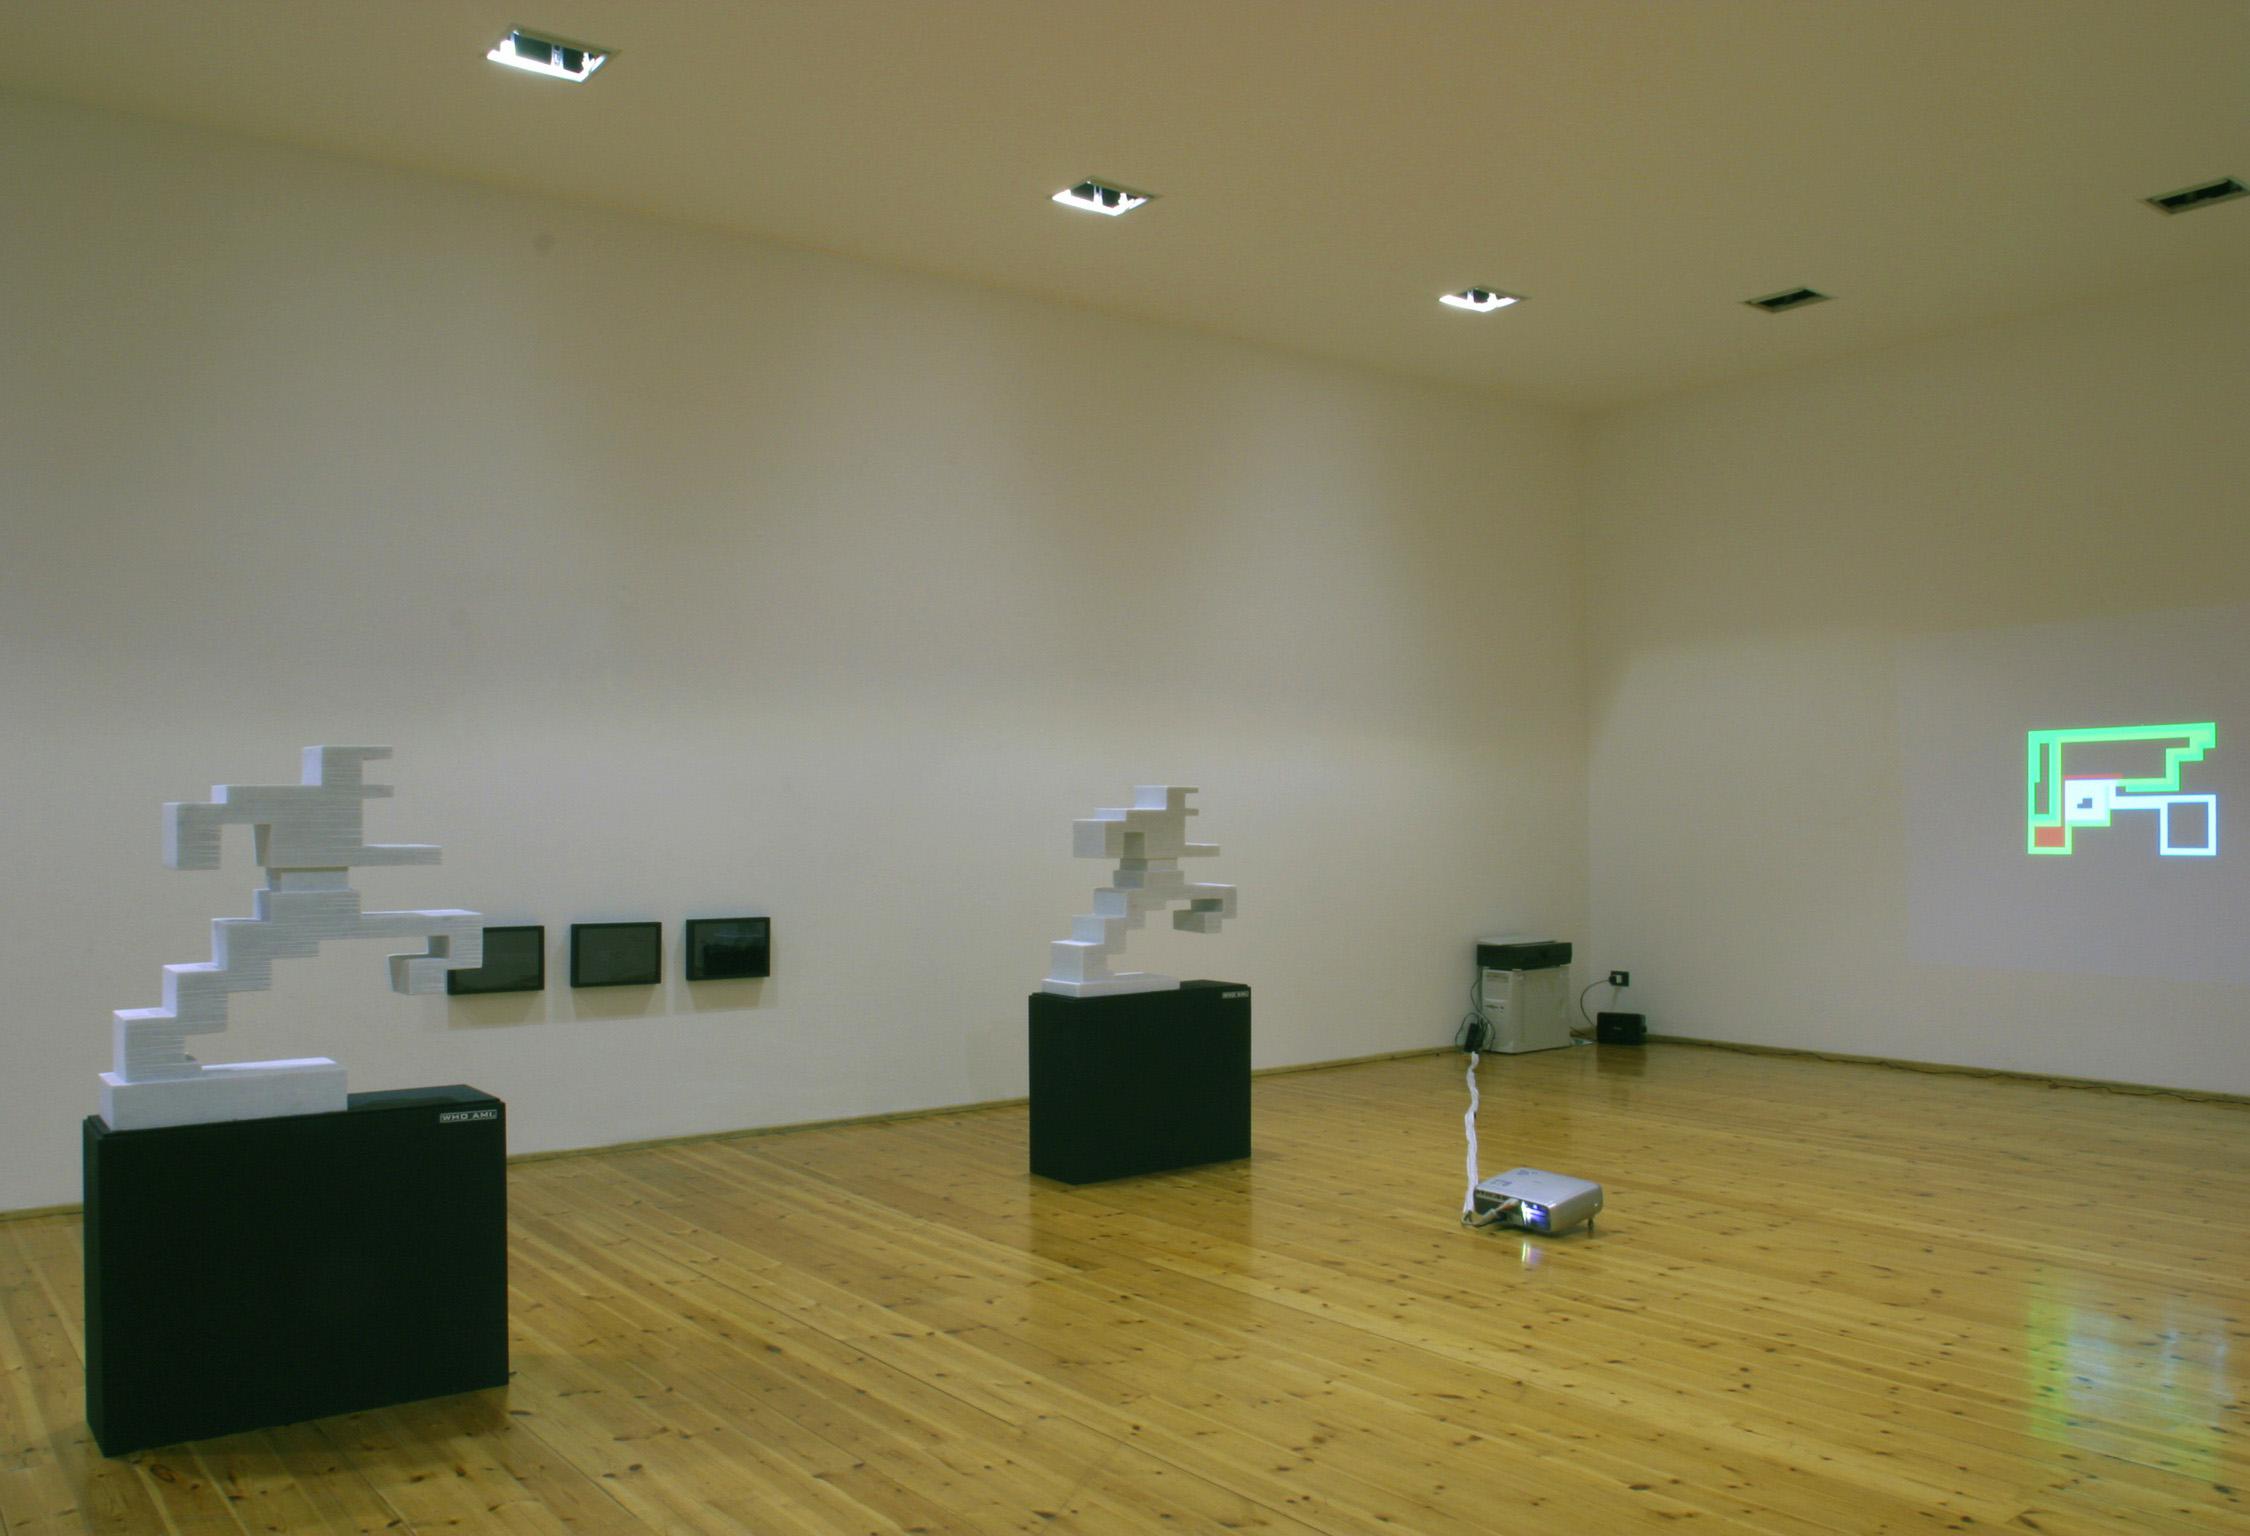 Michele Chiossi W.T.O.installazione arte contemporanea scultura video proiezione zigzag pixel videogame uomo in corsa mappe organizzazione mondiale del commercio